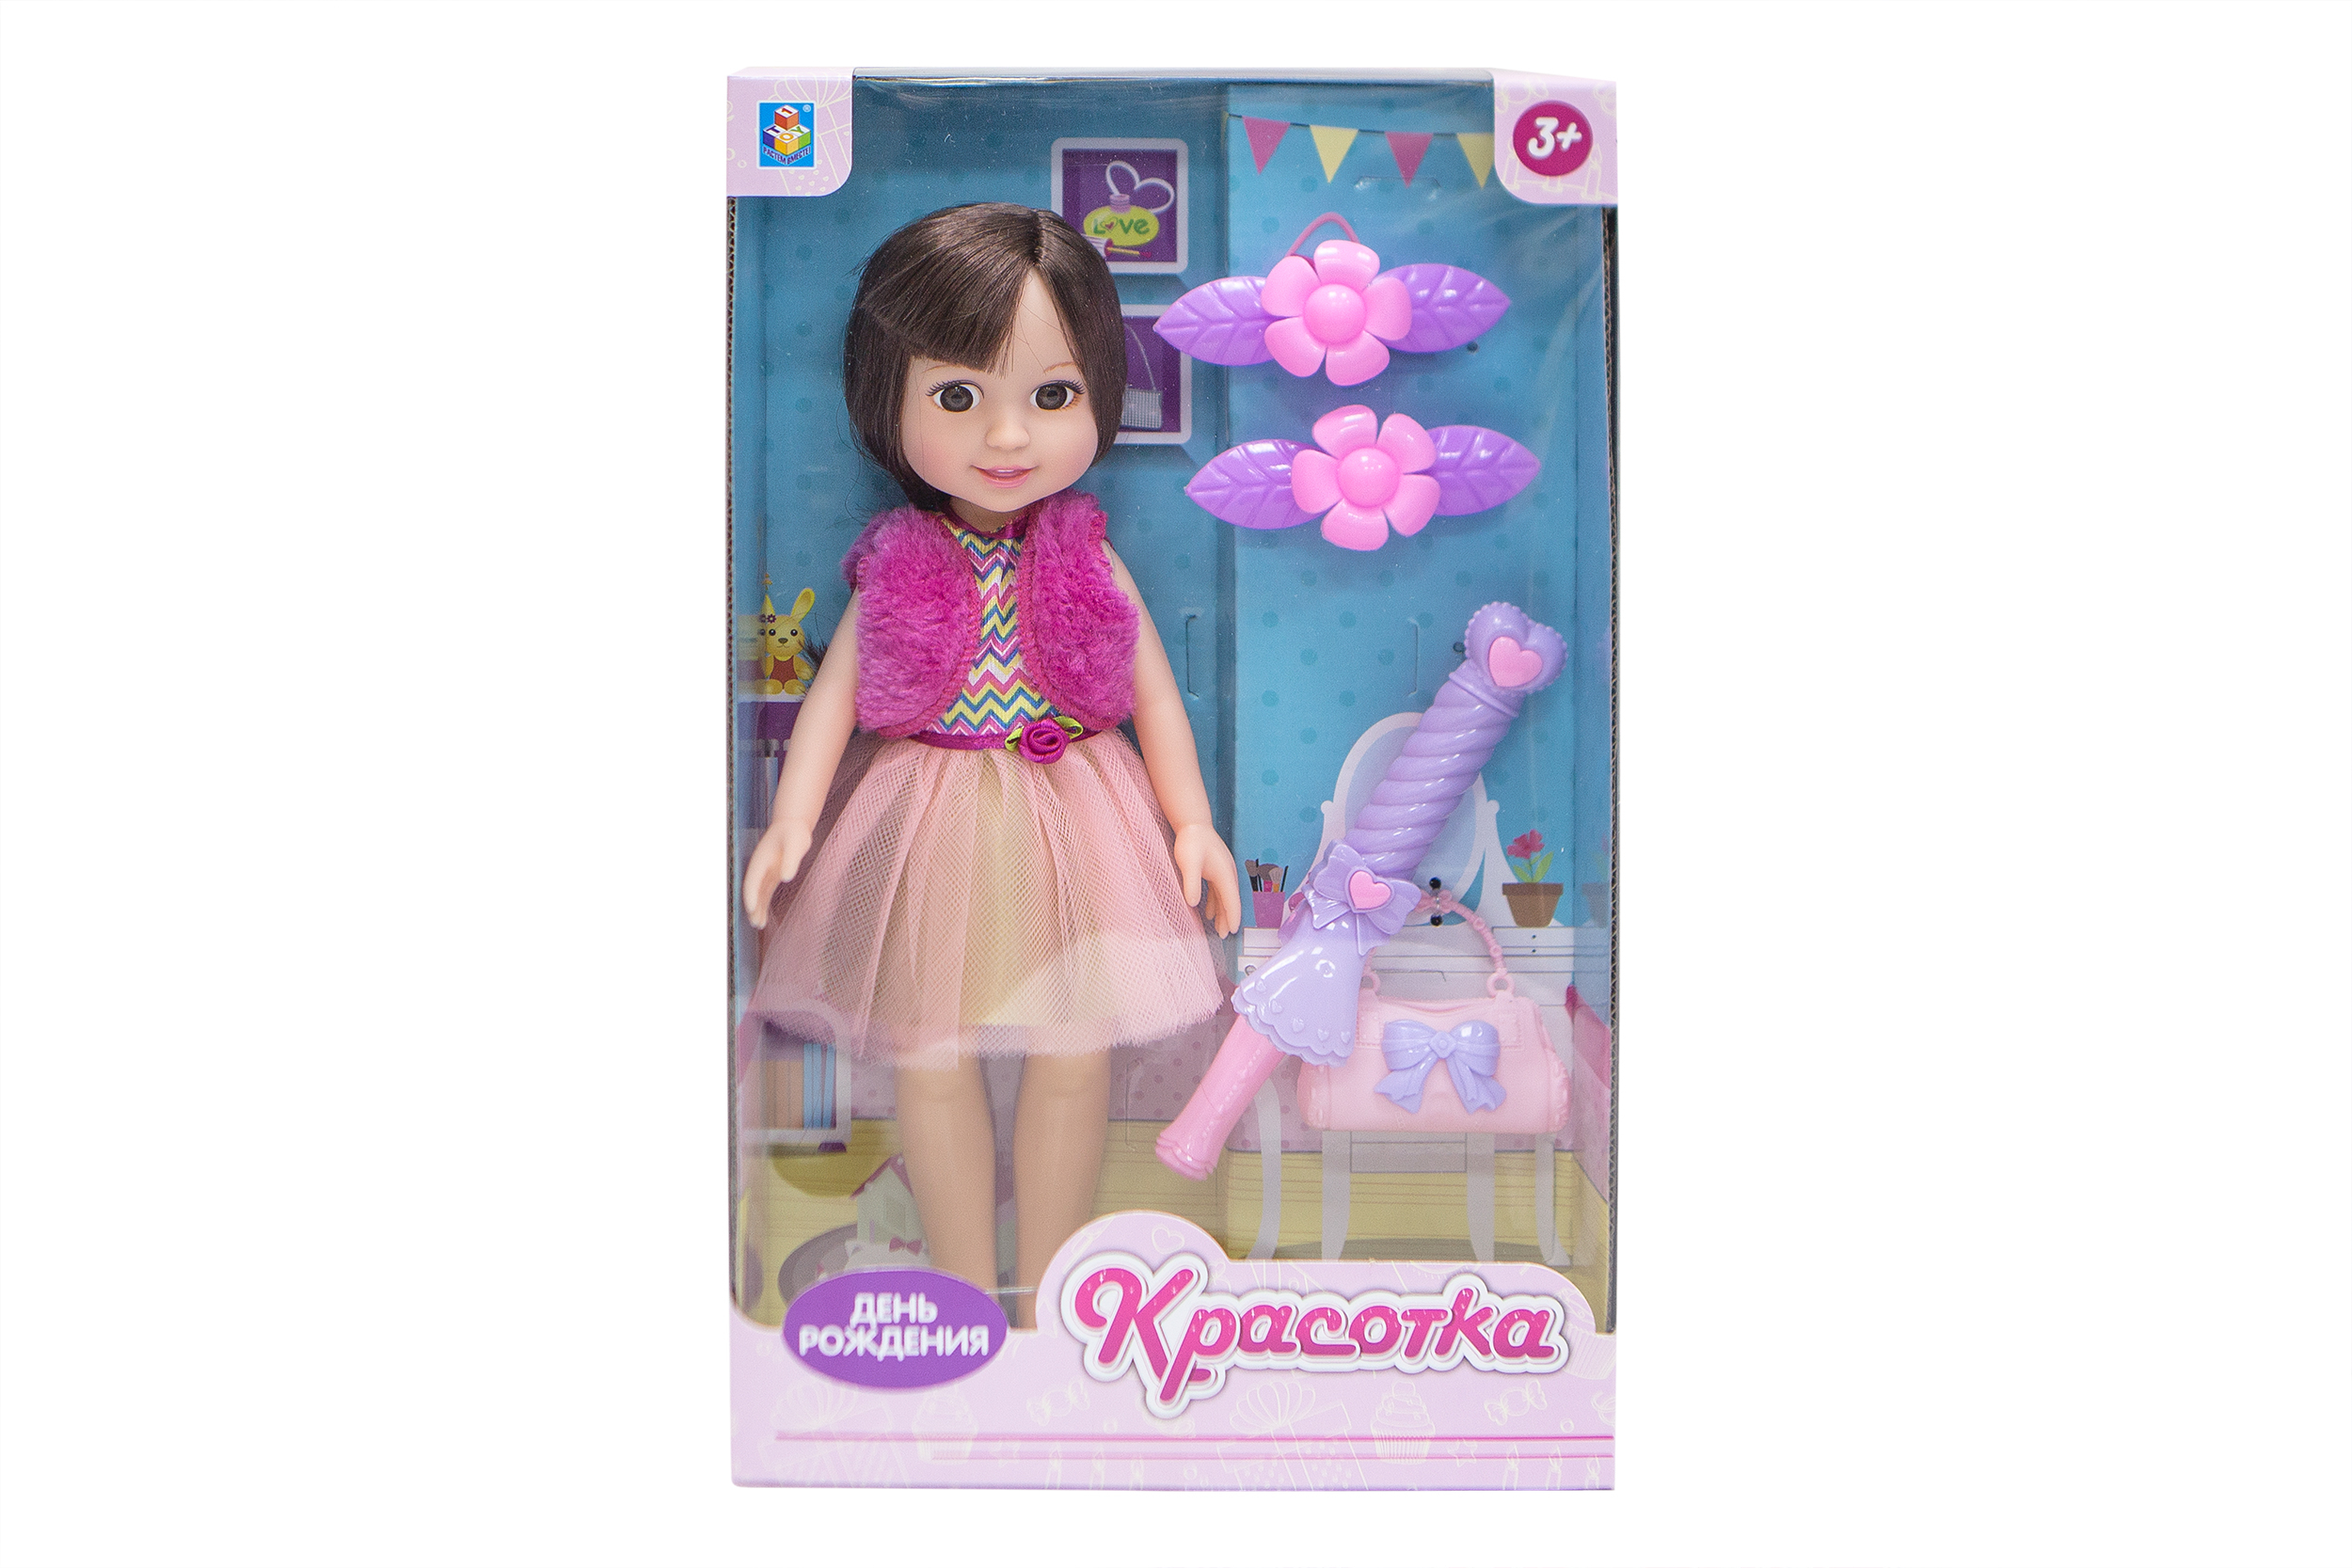 Классические куклы 1toy Кукла 1Toy «Красотка. День Рождения» брюнетка с аксесс. германия nici любят черный баран овец куклы 35см плюшевые куклы любителей игрушки куклы подарок на день рождения подарок кукла 40603